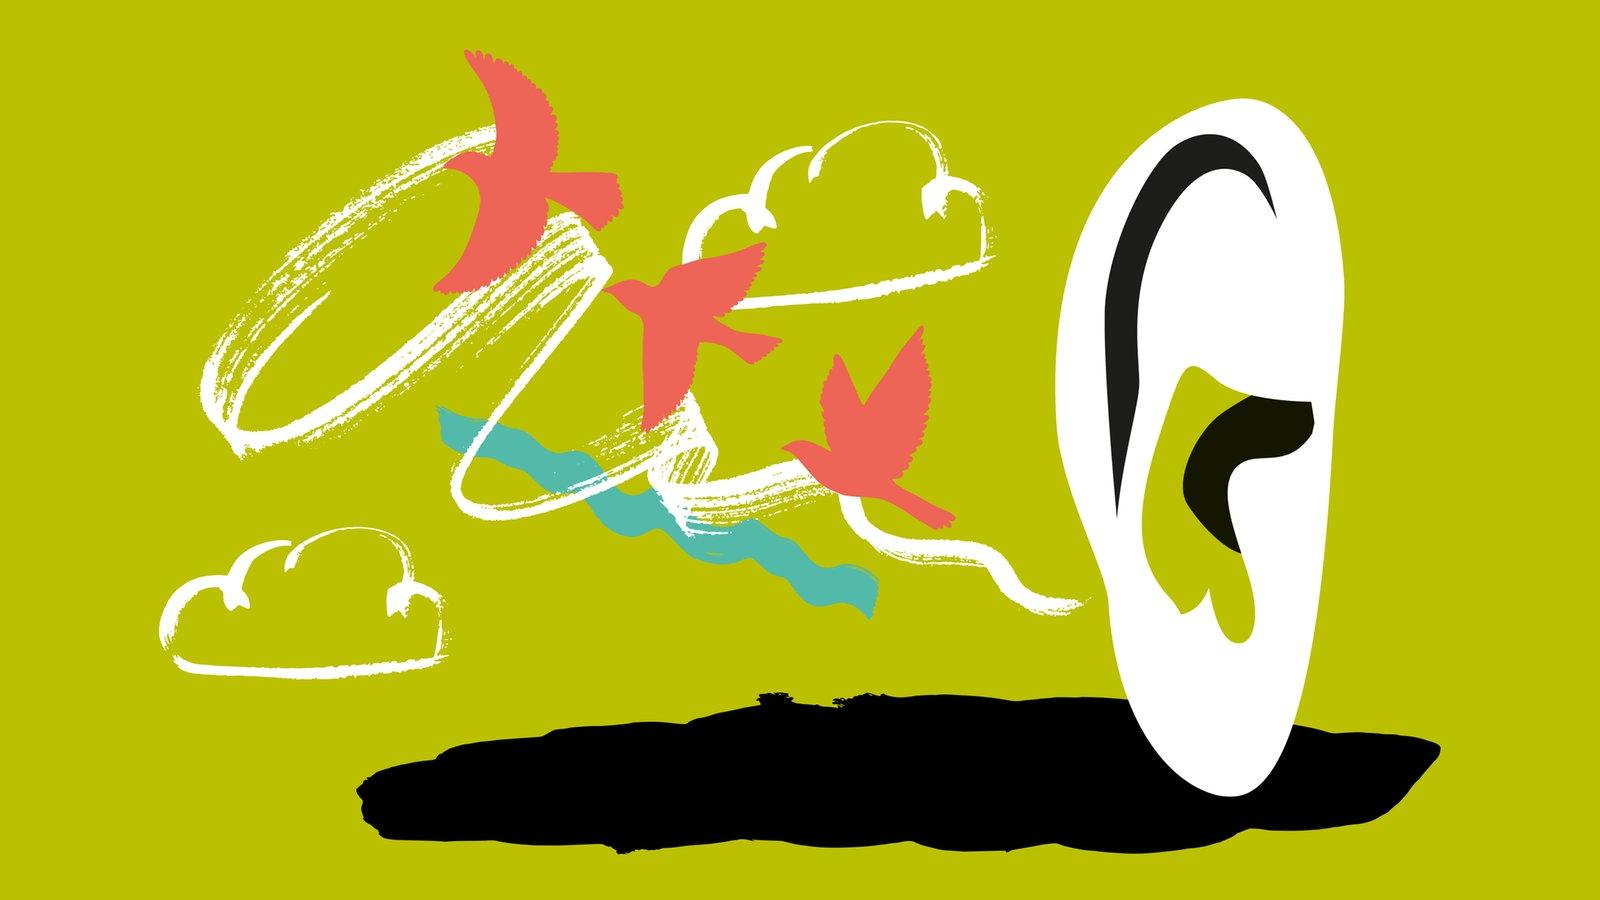 Wdr 3 Musikrätsel